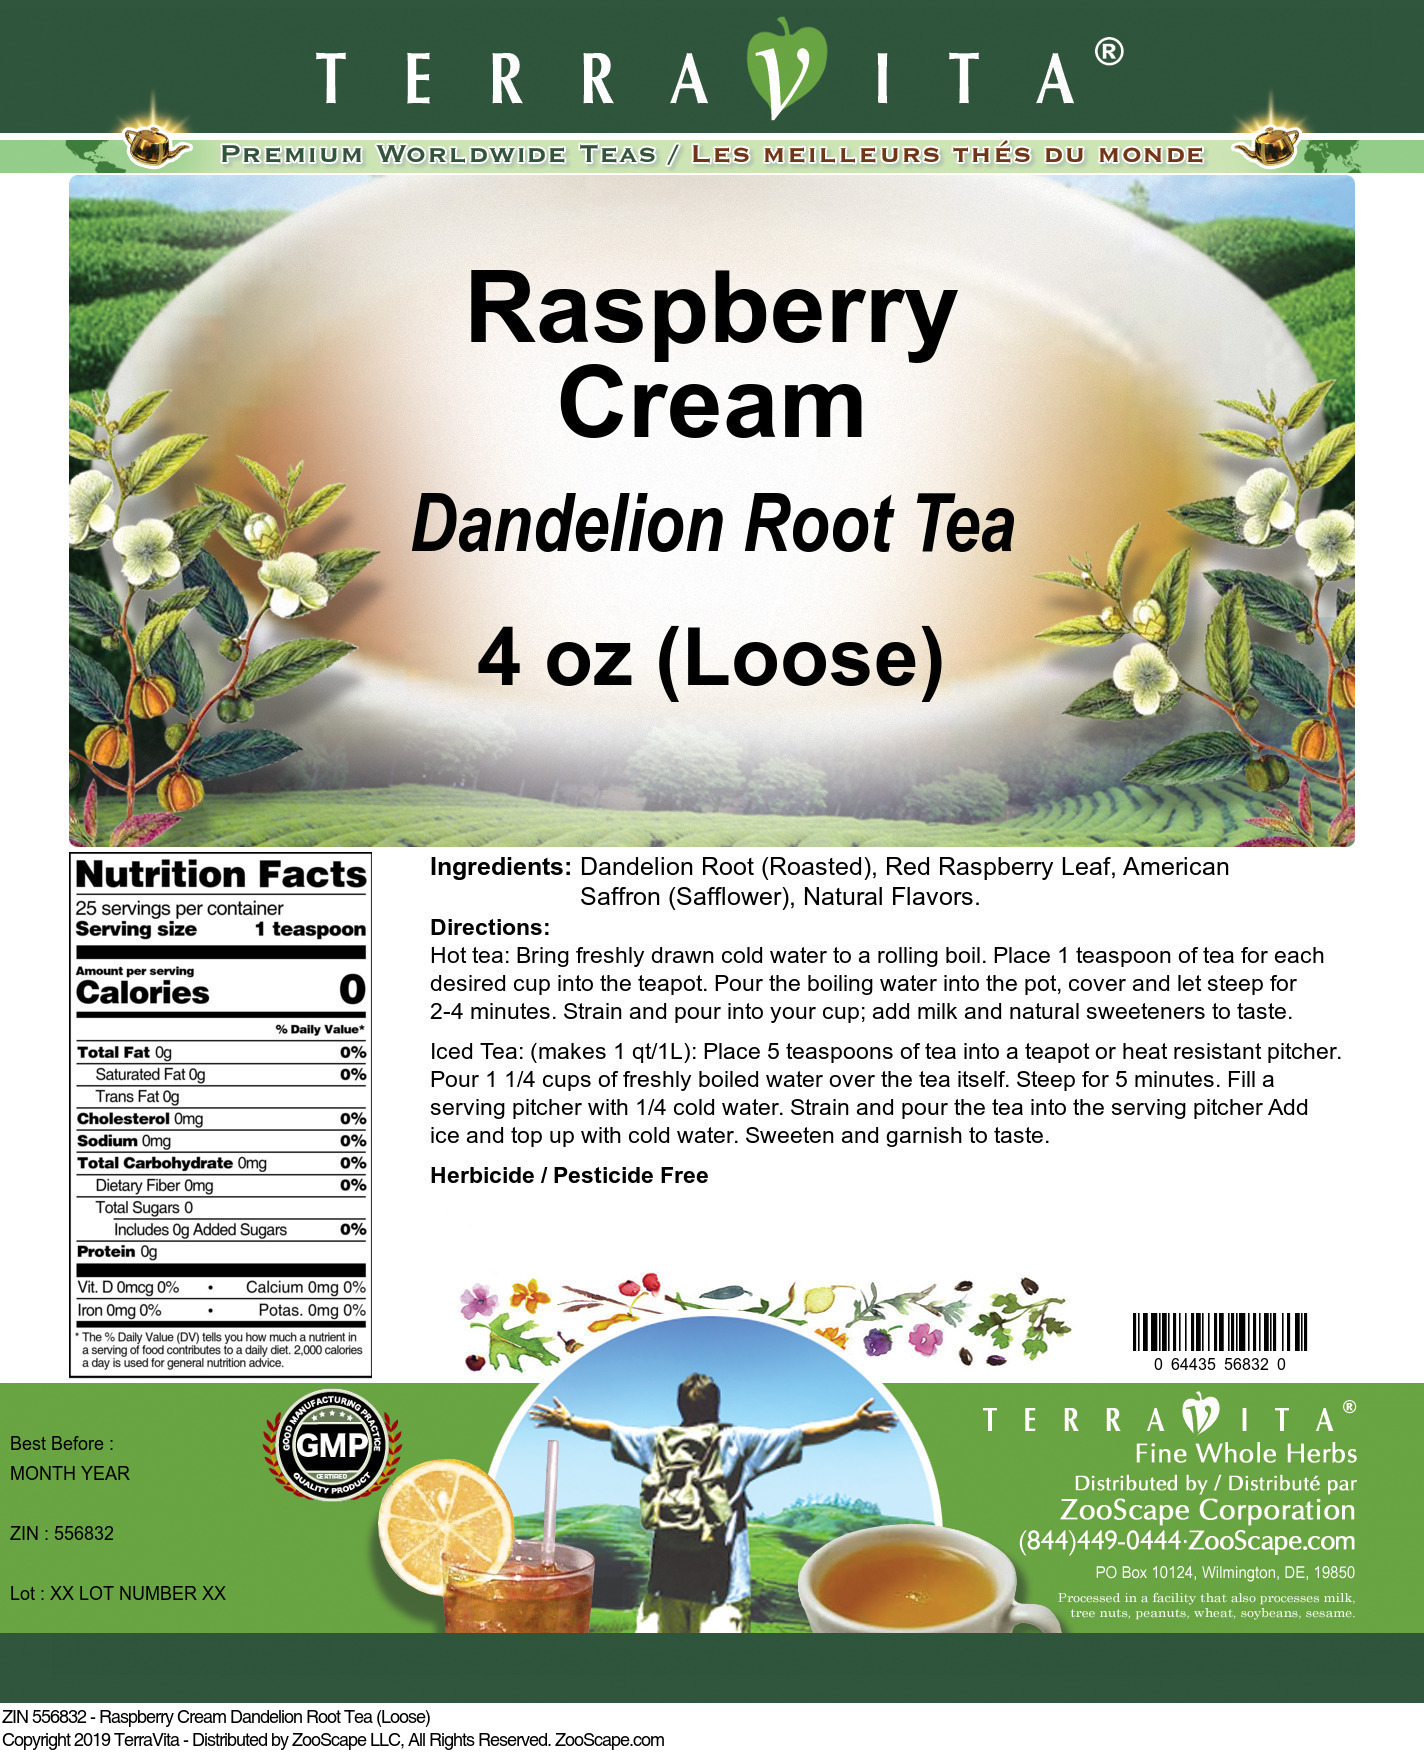 Raspberry Cream Dandelion Root